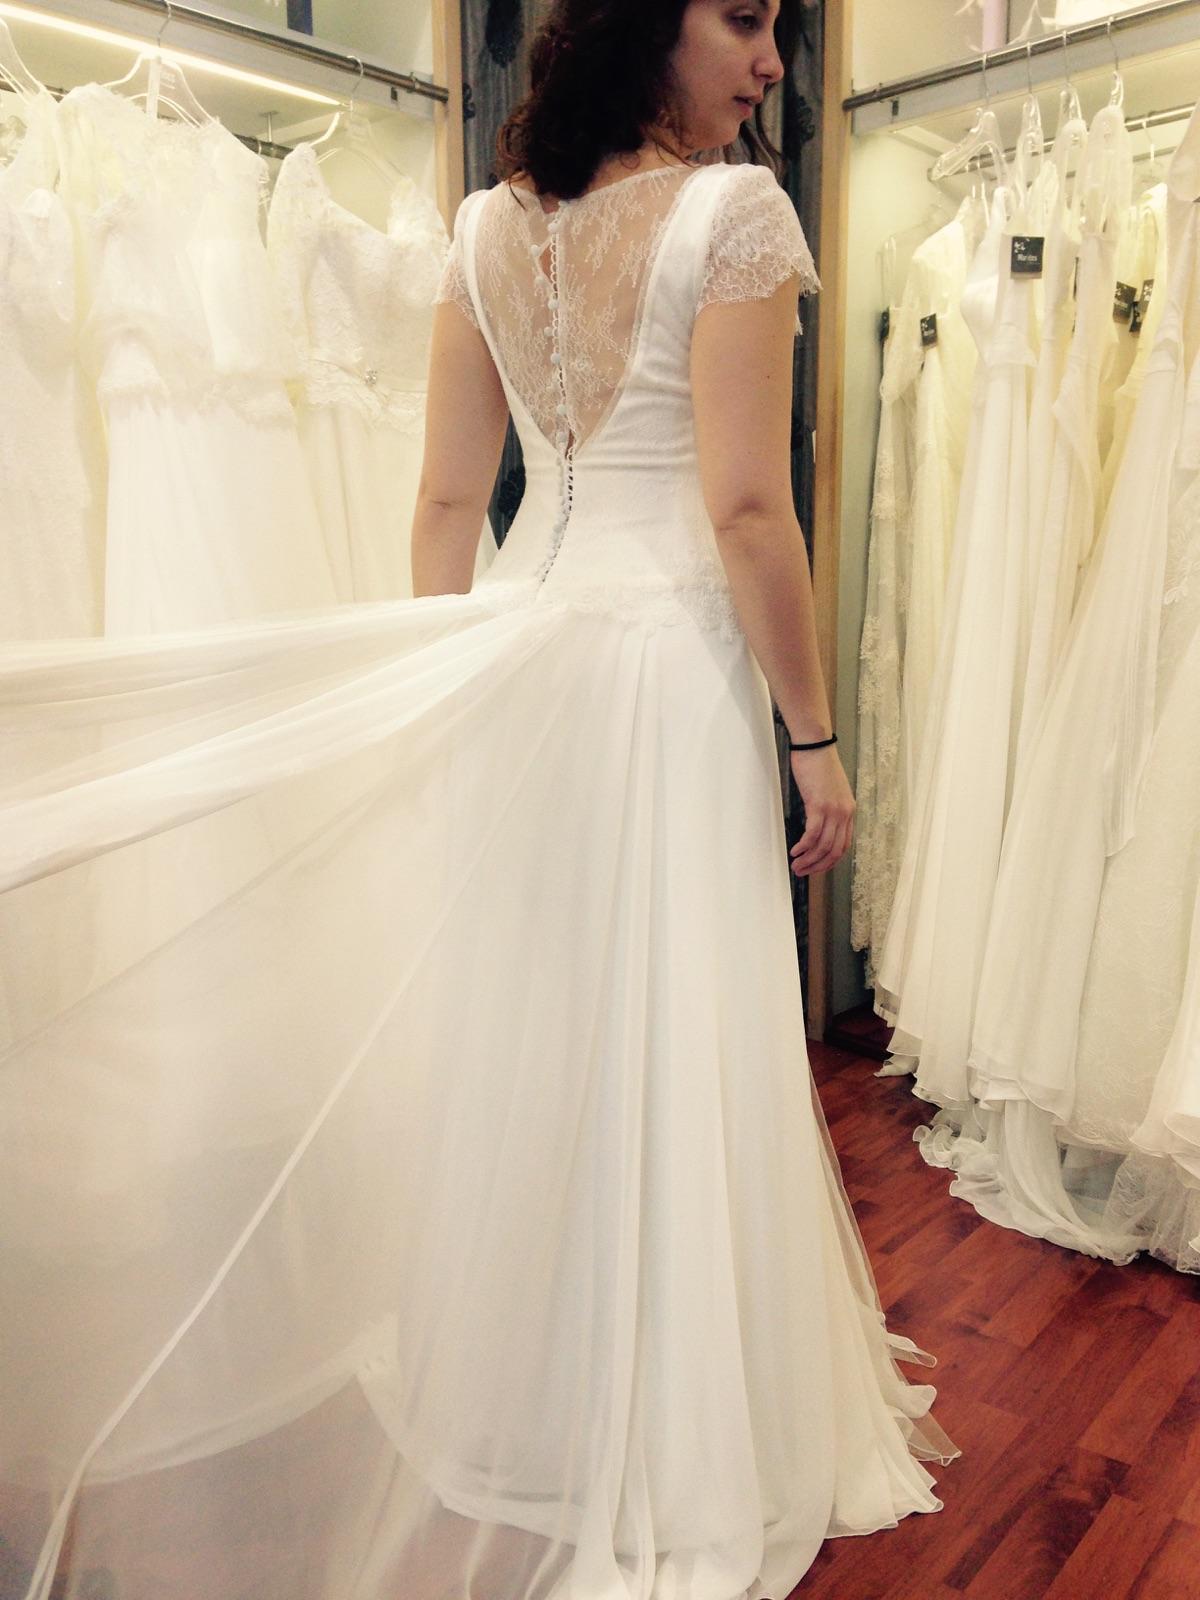 La quête de ma robe : étape finale